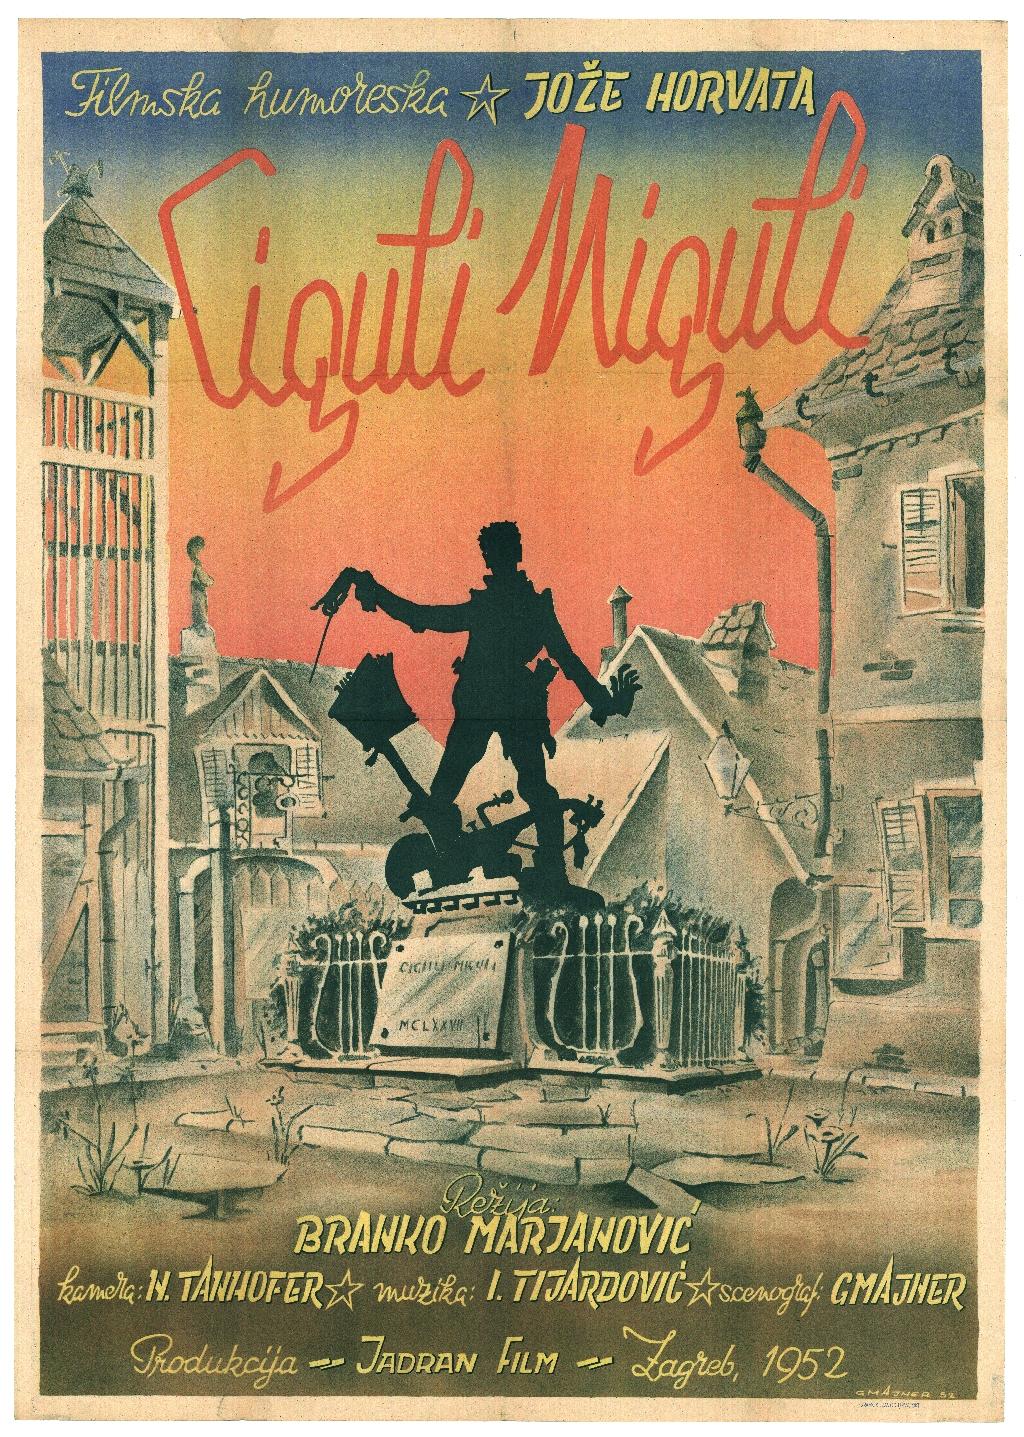 Plakat filma Ciguli miguli iz 1952., prvoga zabranjenog filma u socijalističkoj Hrvatskoj. Film redatelja Branka Marjanovića i scenarista Jože Horvata trebao je biti prva poslijeratna društveno-politička satira. U njemu se ismijavao birokratizam sovjetskoga tipa. Dozvolu za javno prikazivanje film je dobio tek 30. travnja 1977., a 1989. prvi je put prikazan na televiziji.